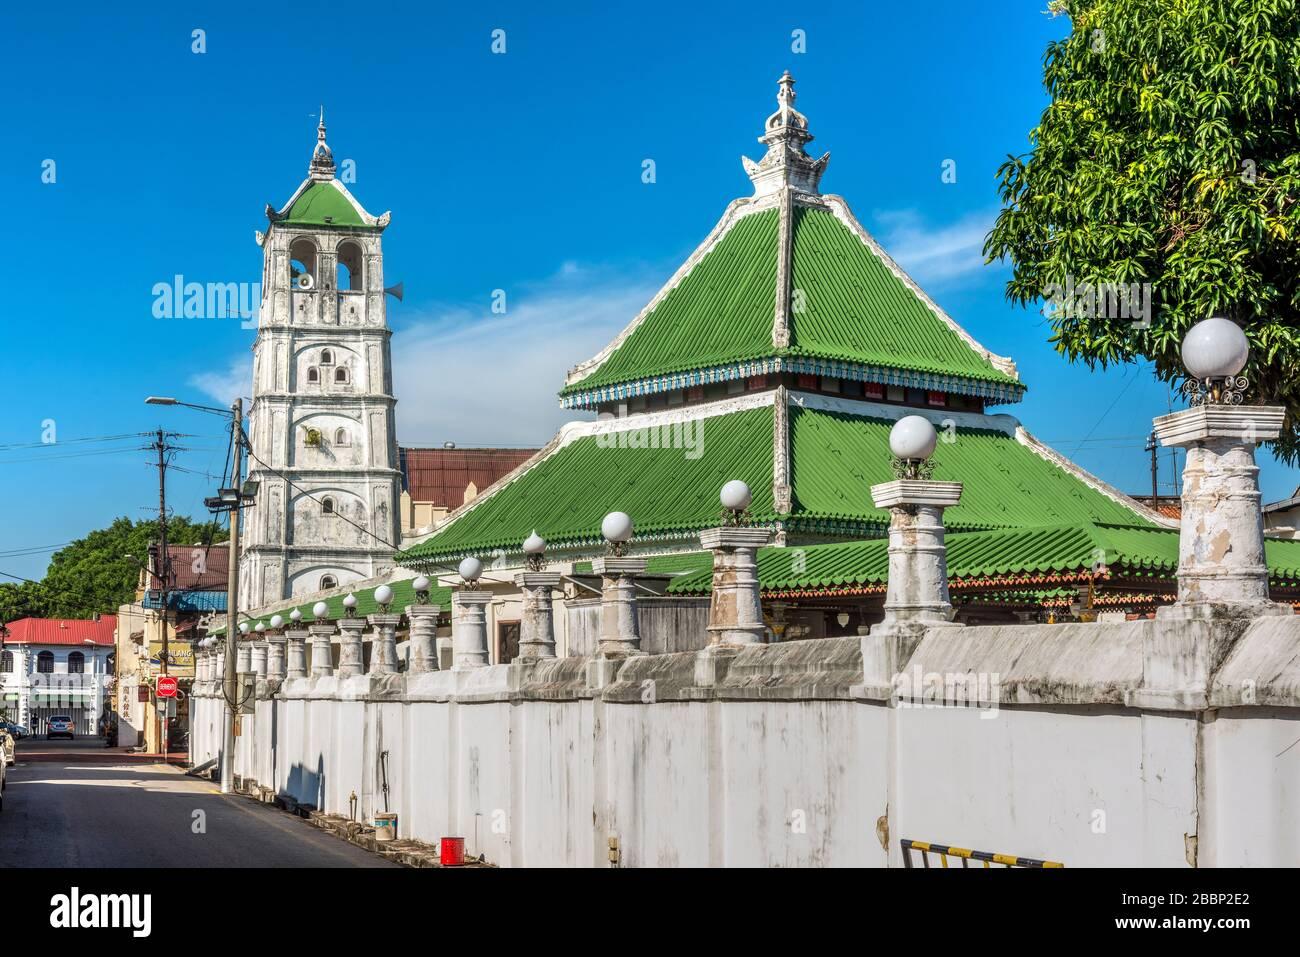 Kampung Kling Mosque, Malacca City, Malaysia Stock Photo